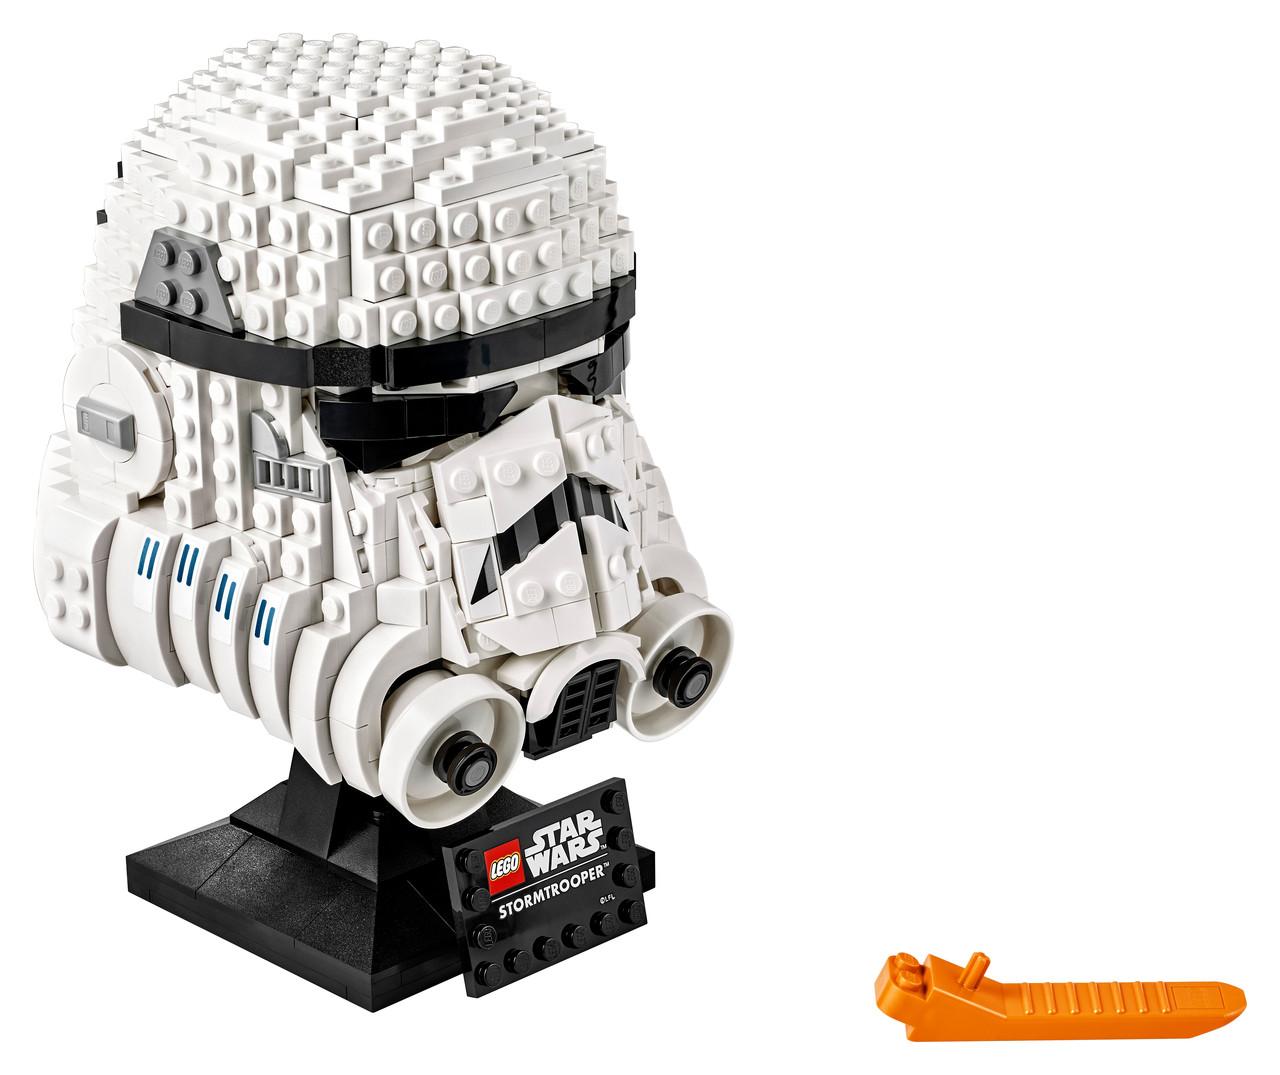 Конструктор LEGO Шлем штурмовика 647 деталей (75276)